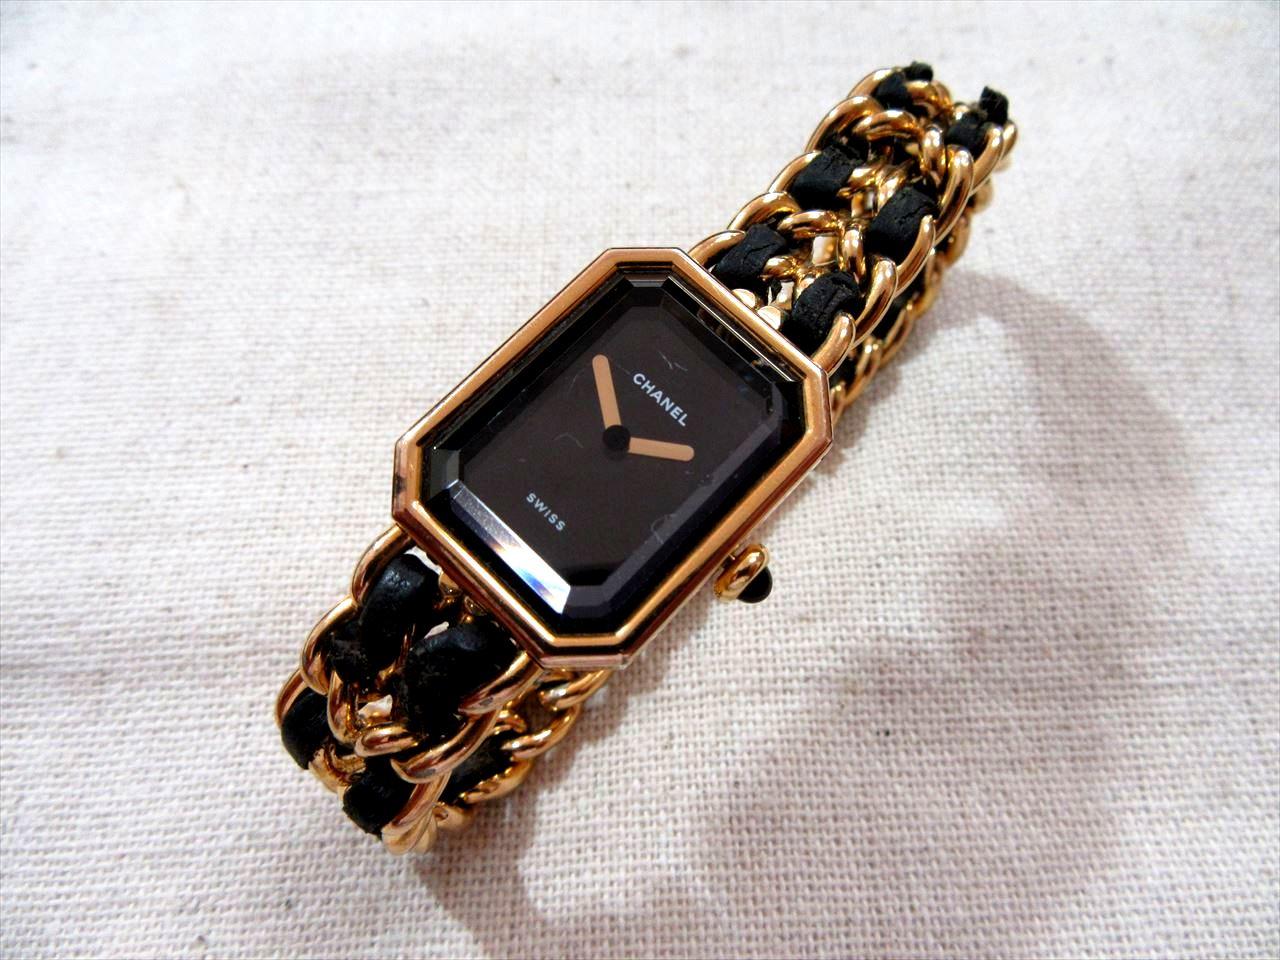 買取 ブランド腕時計 シャネル プルミエール 盛岡 まねき堂